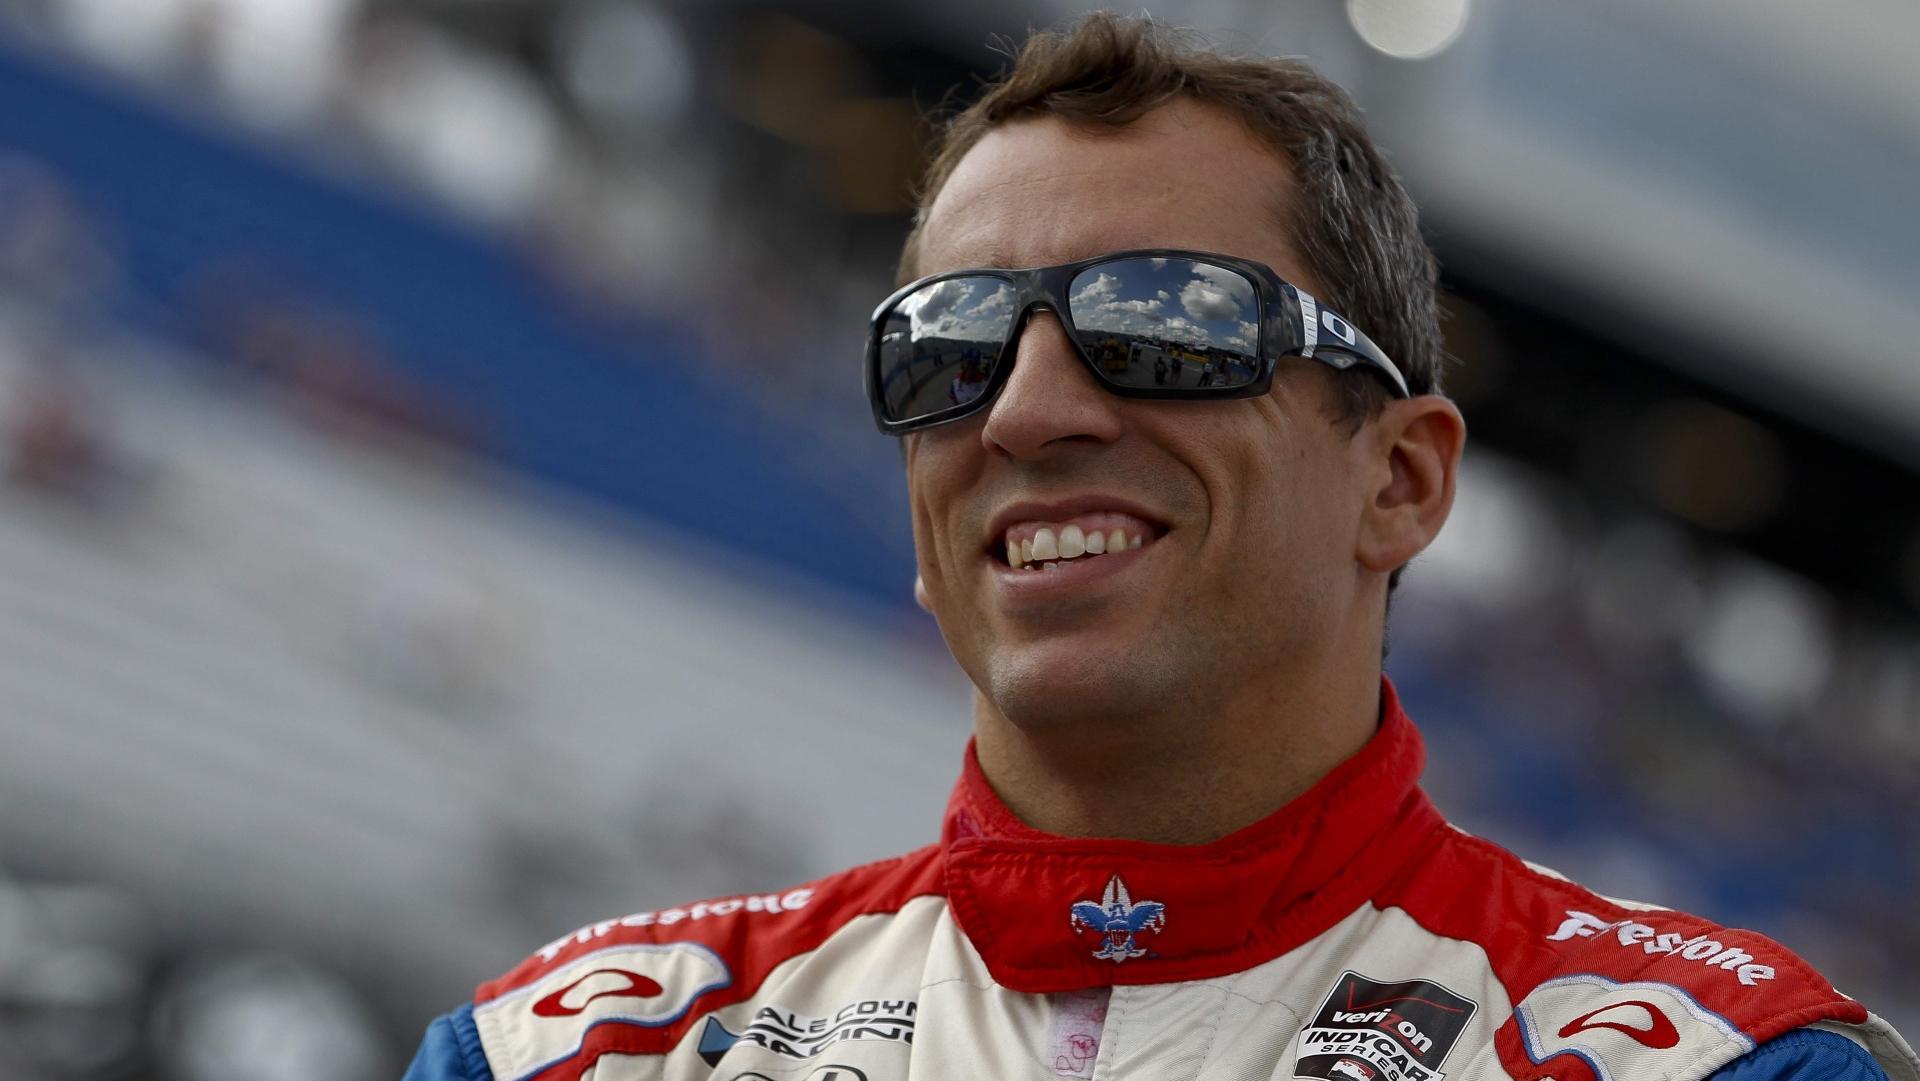 Погибший пилот Формулы-1 Джастин Уилсон стал донором для шести человек